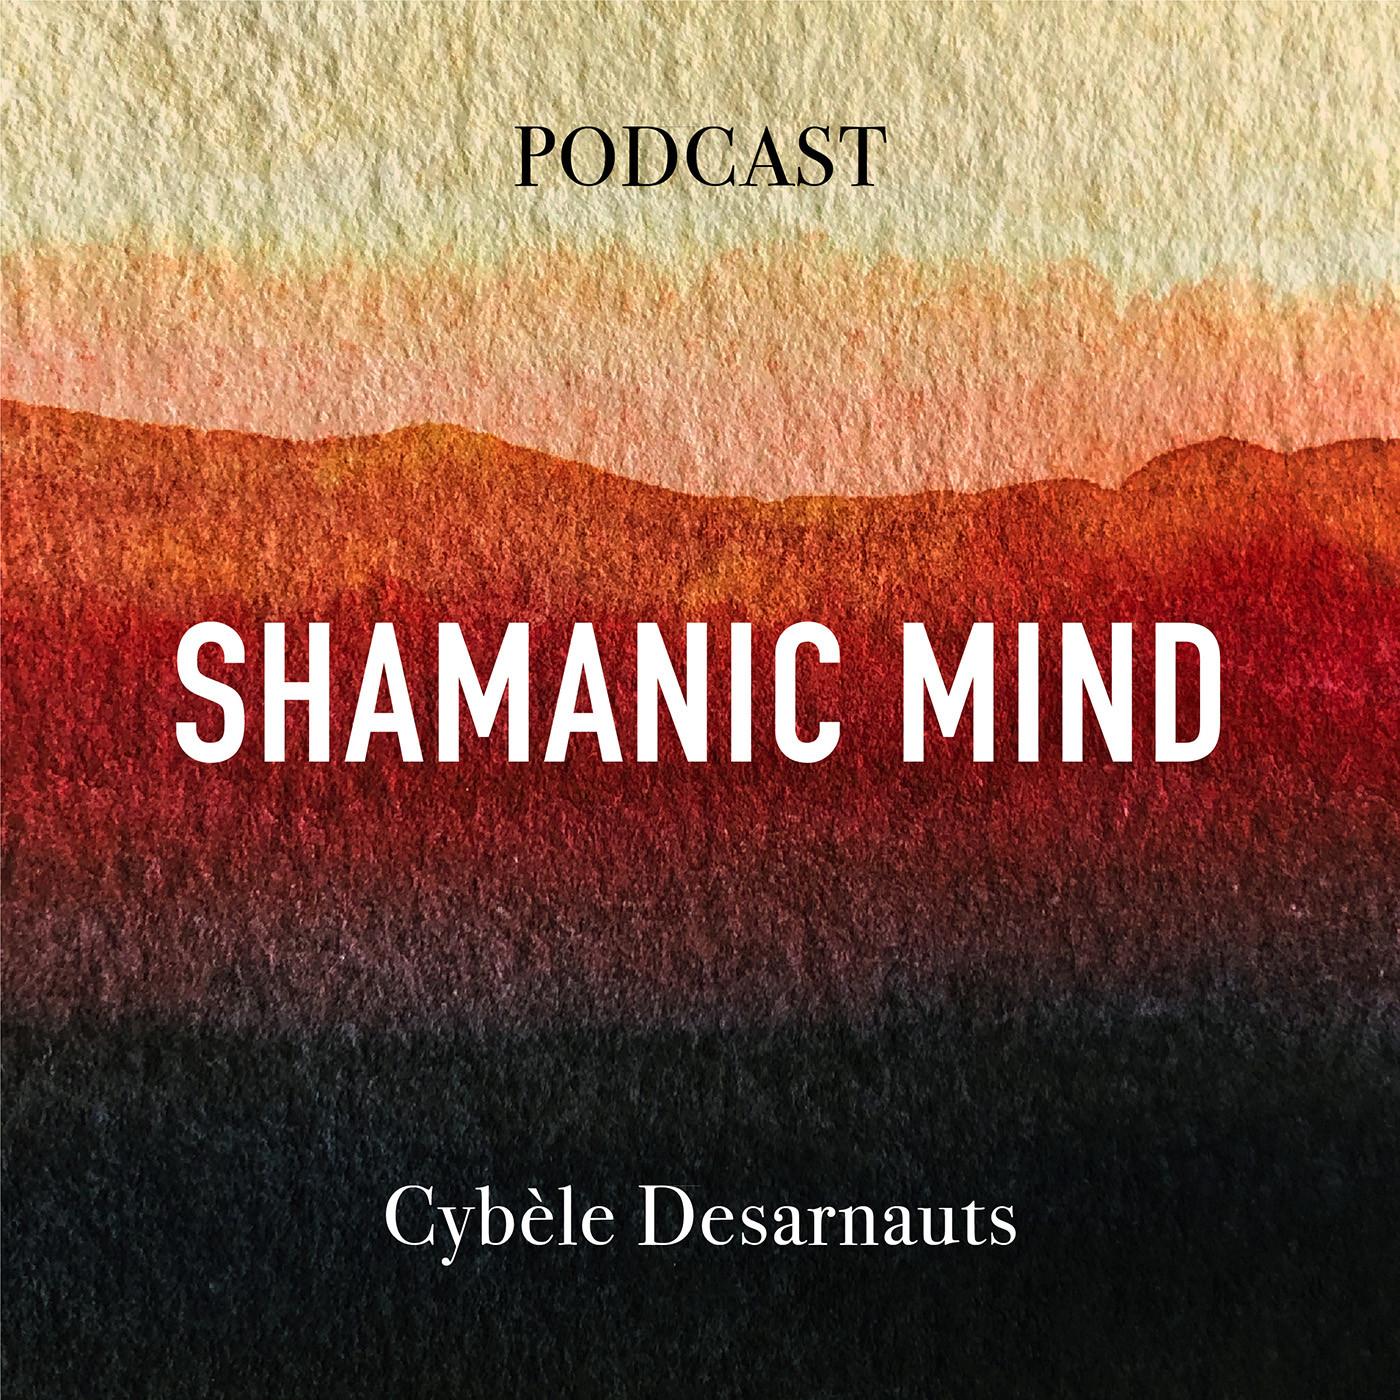 Shamanic Mind